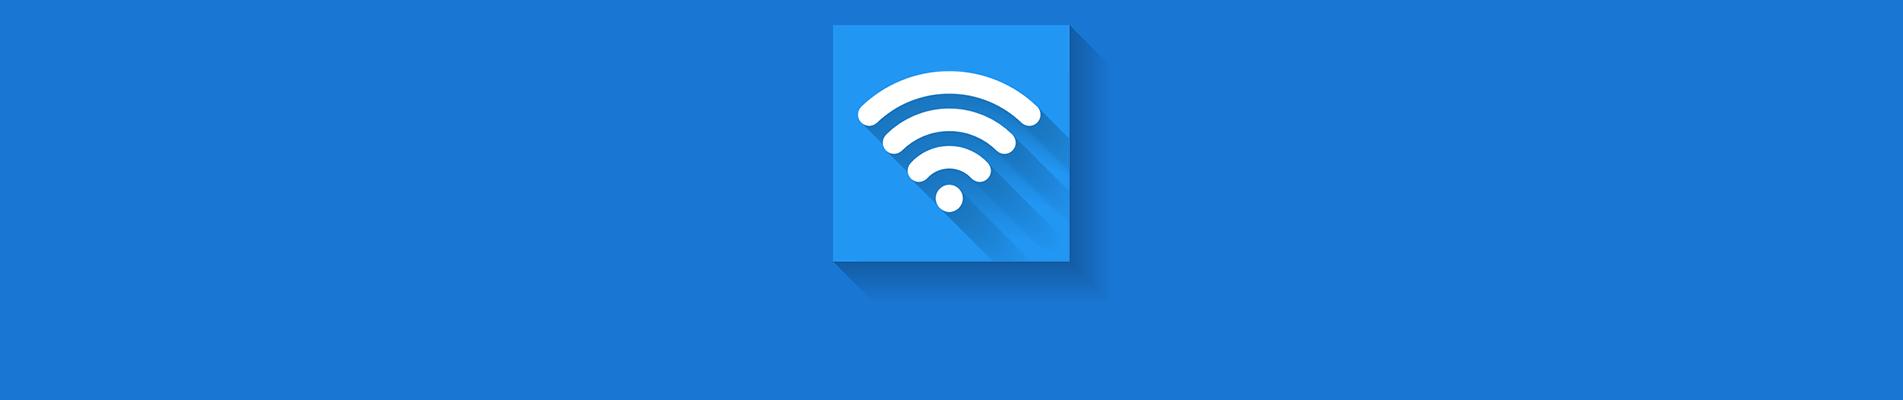 Free_WiFi_New